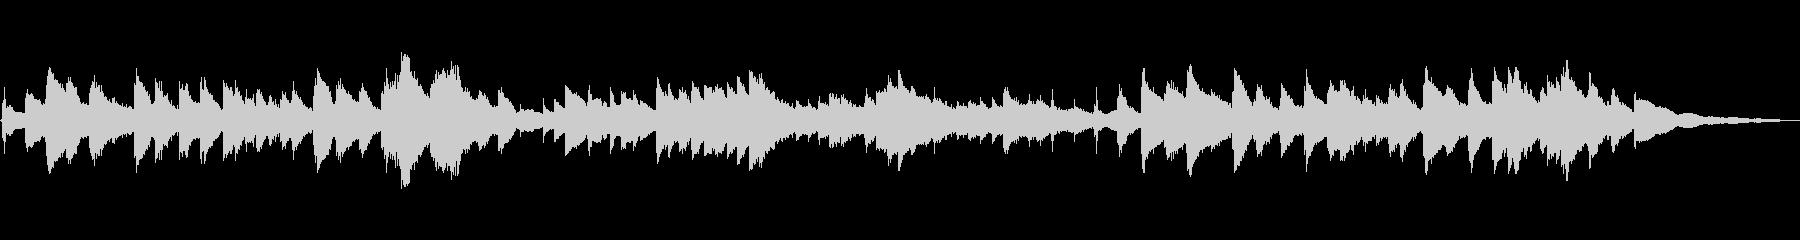 スイスのオルゴール:演奏の未再生の波形